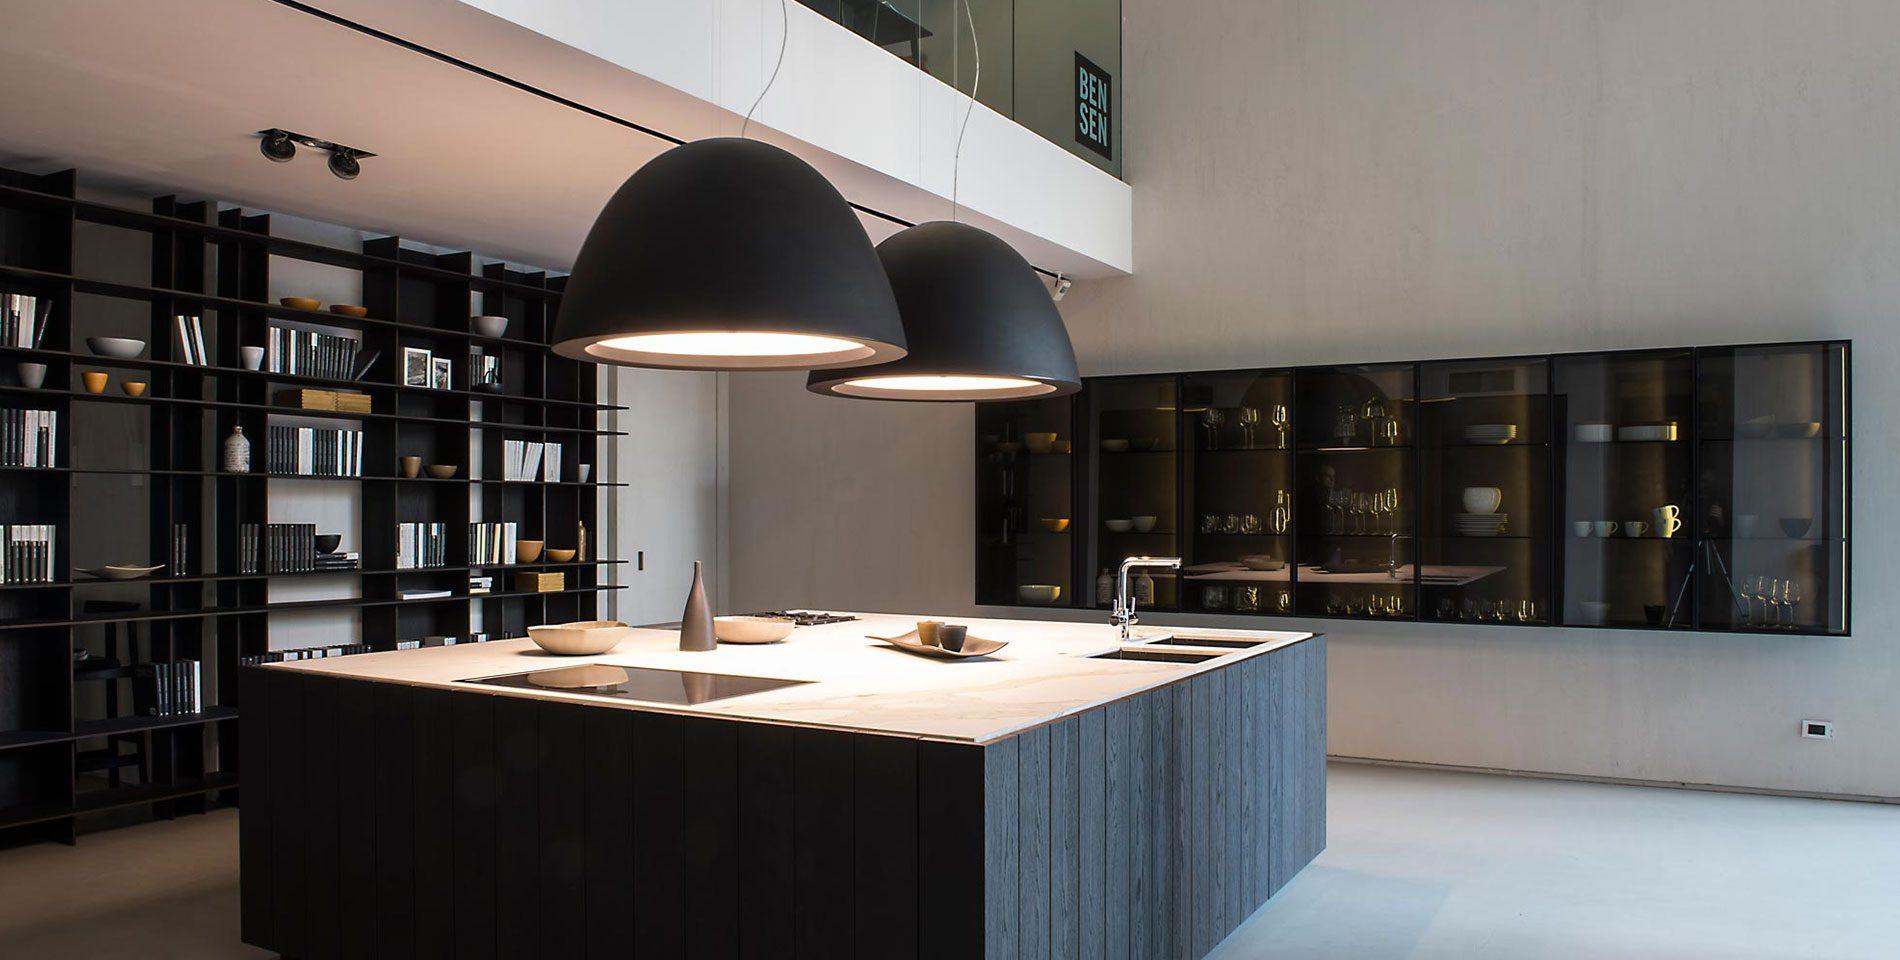 la-giusta-illuminazione-in-cucina-light-full-2800x9999